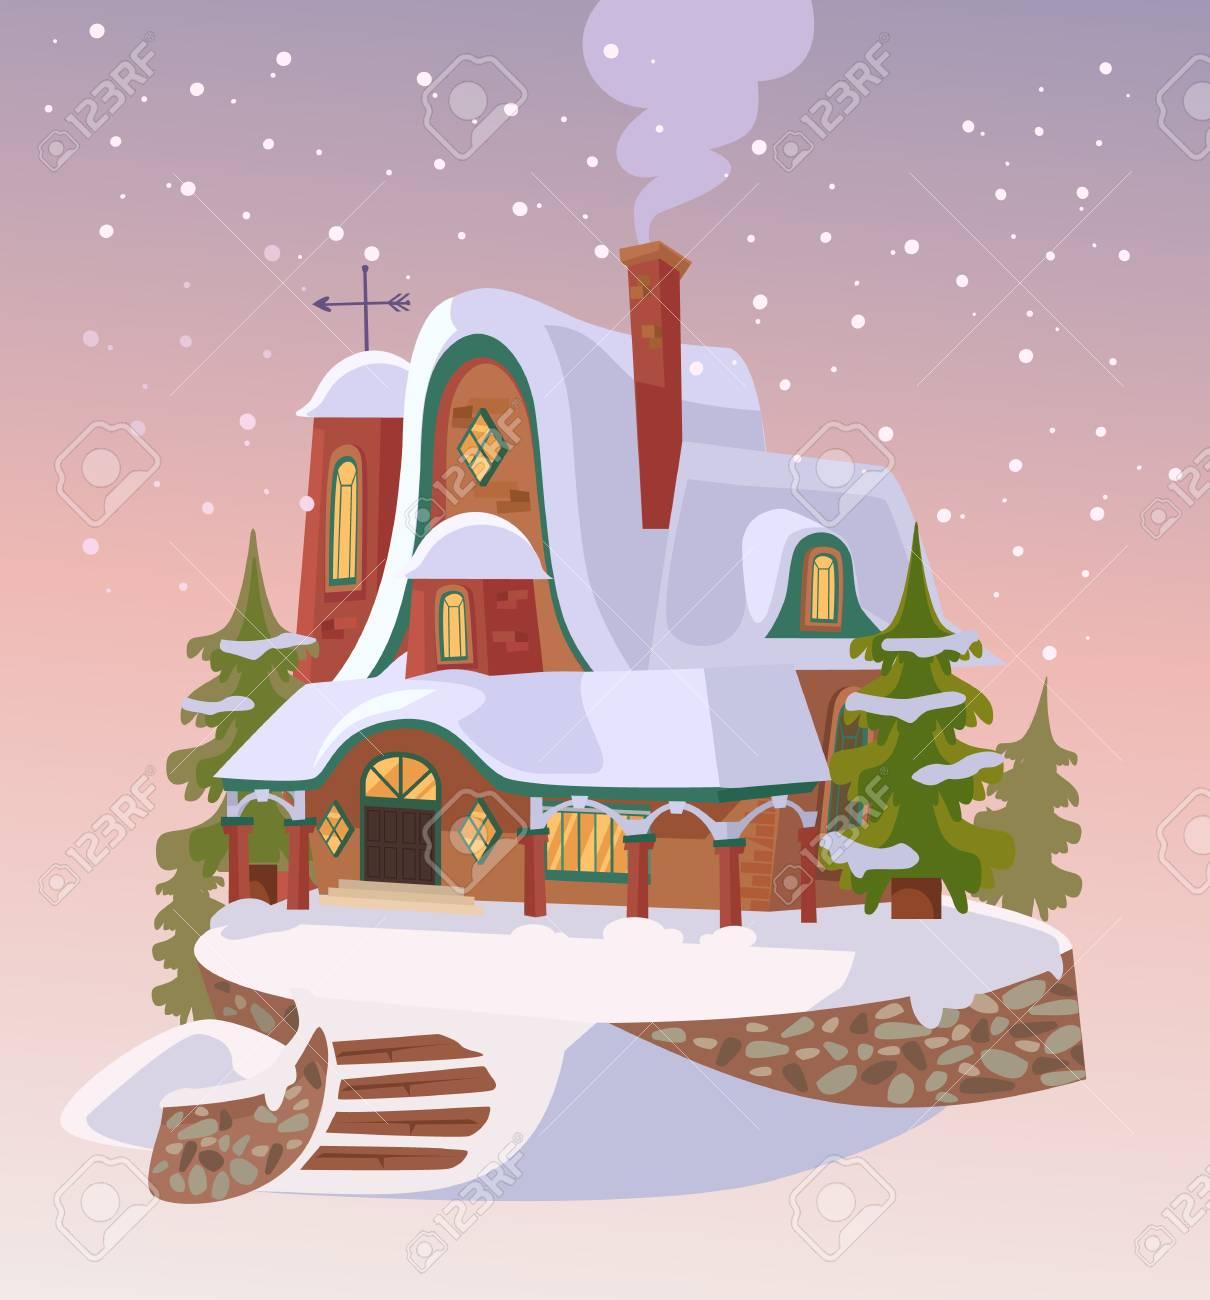 Banque dimages maison de santa bonne année chutes de neige de noël illustration de dessin animé plat